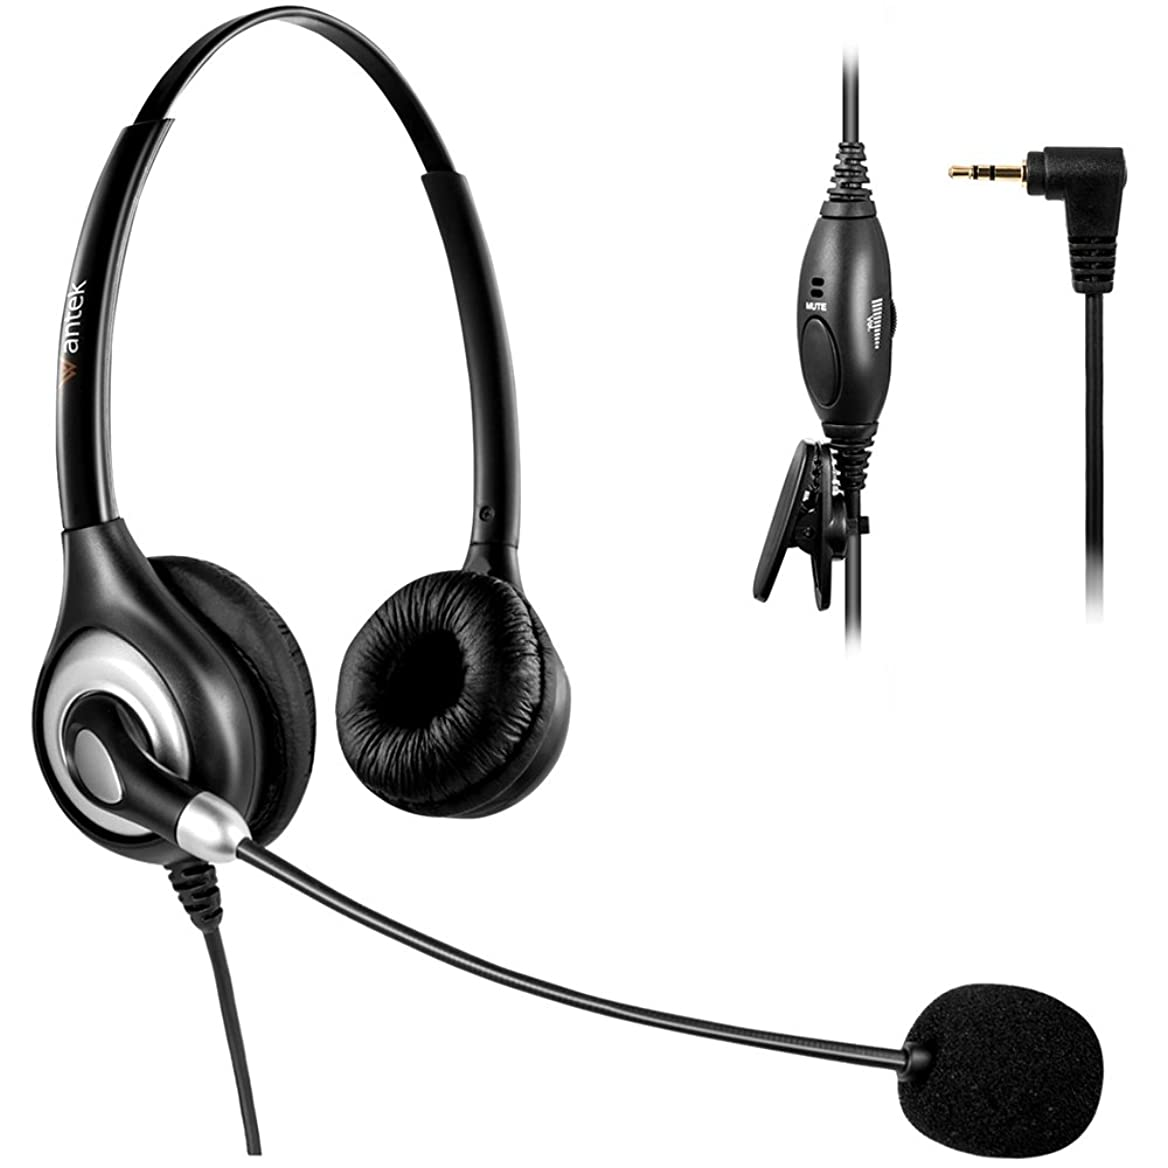 顕著悪夢ユーモラスELEGIANT改良版 RJ11 片耳コールセンター用ヘッドセット電話機対応 業務用ヘッドセットクリスタルヘッド、電話カウンセリングサービス、通信事業者、企業330°回転可能なマイクボール 11